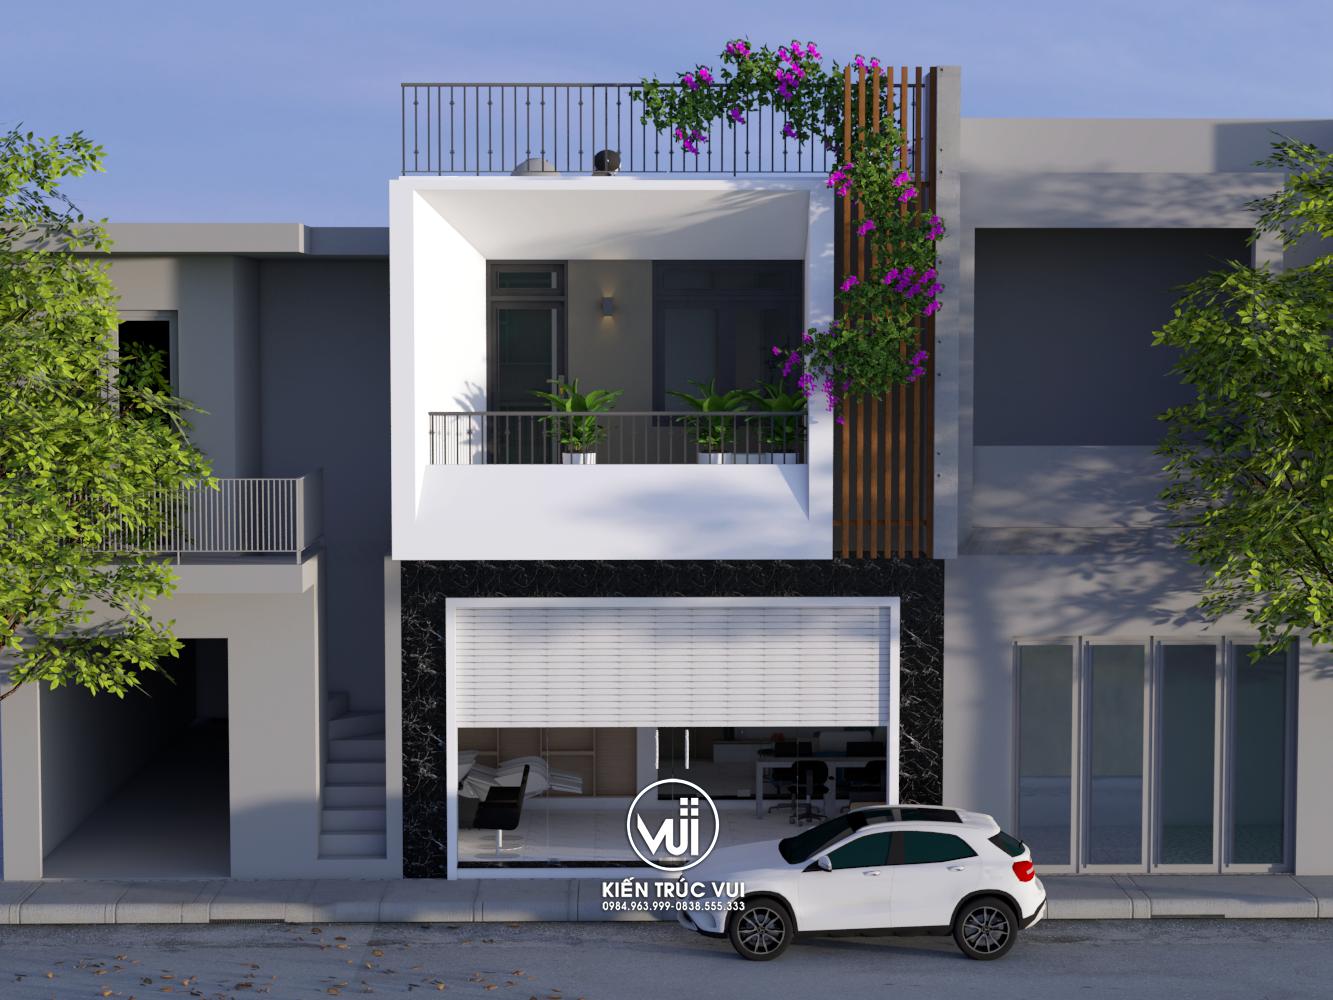 Phối cảnh mặt tiền Nhà phố 2 tầng hiện đại Anh Hoàng huyện Việt Yên Tỉnh Bắc Giang